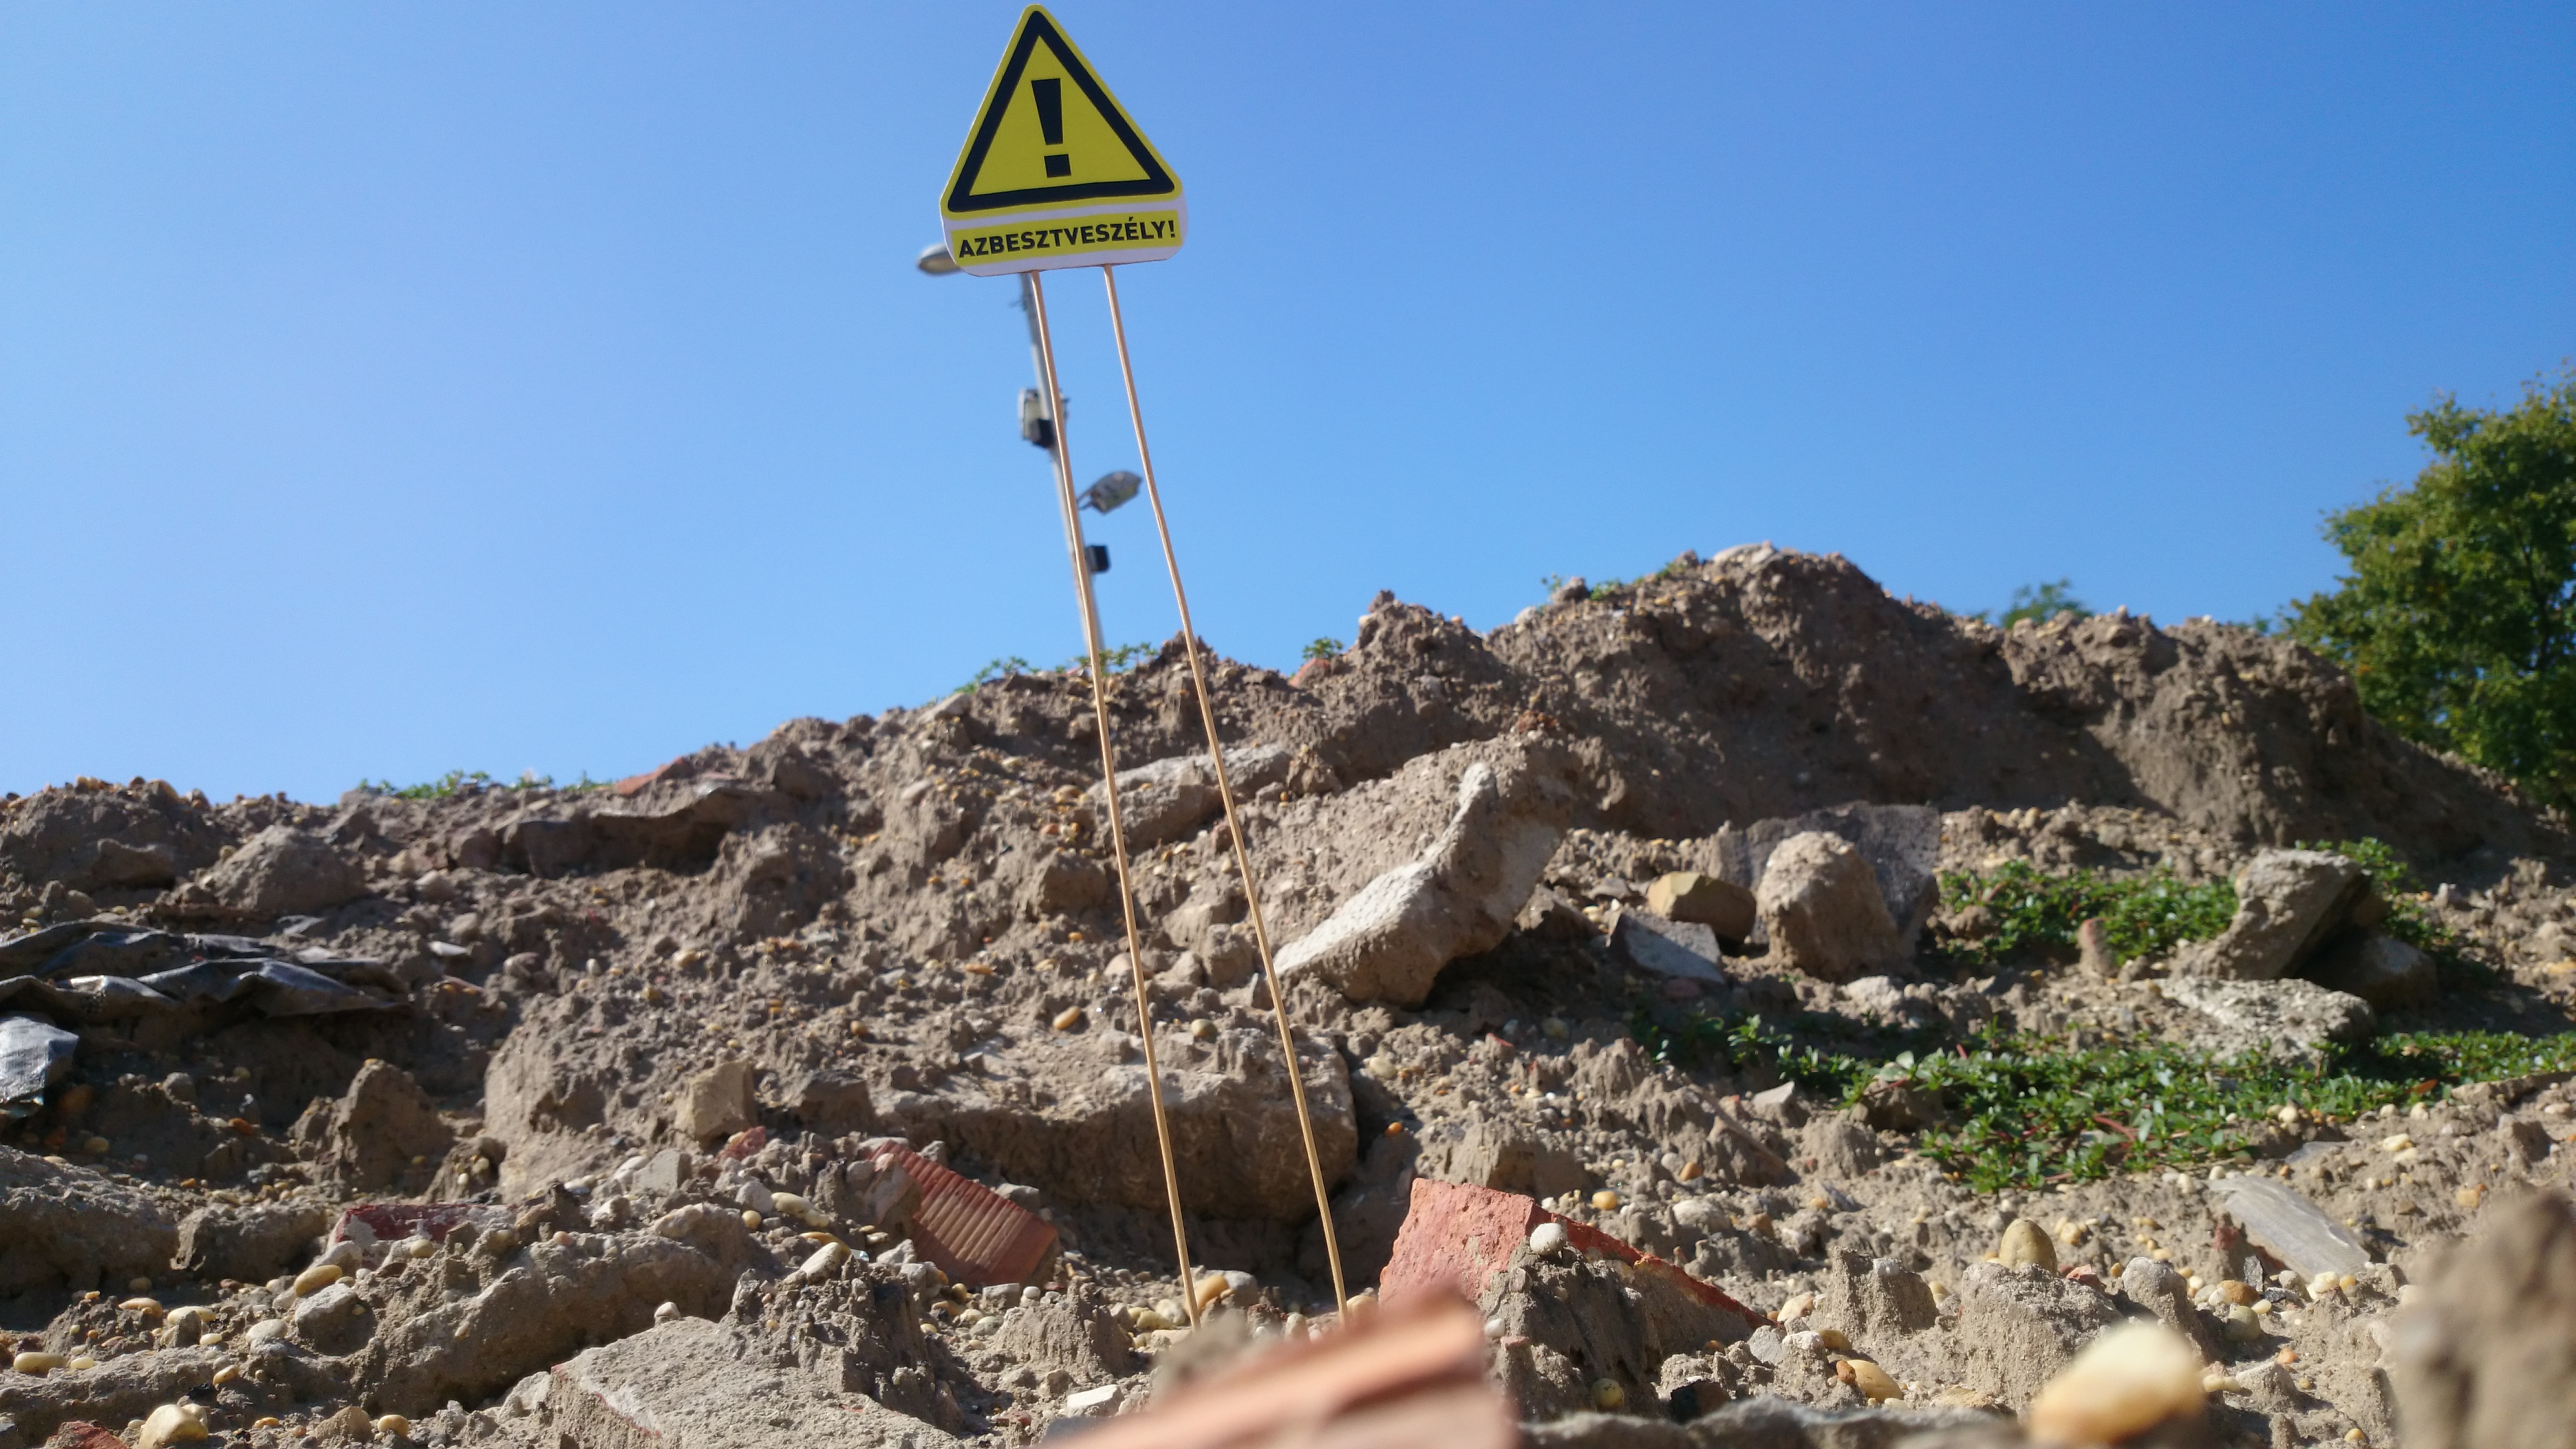 Mindenki nyugodjon le a PeCsába, határozatlan ideig még marad az azbeszt a Városligetben